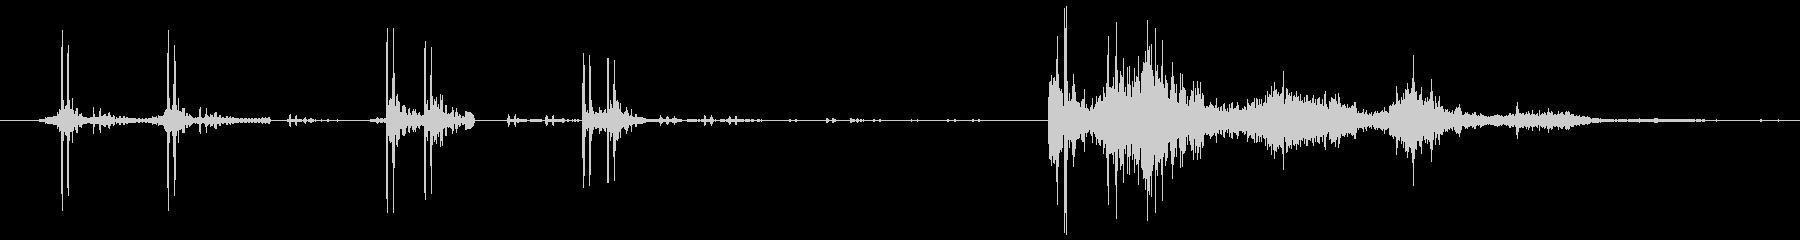 弓を引き絞り、矢を放つ(ギギギ、バシュ)の未再生の波形